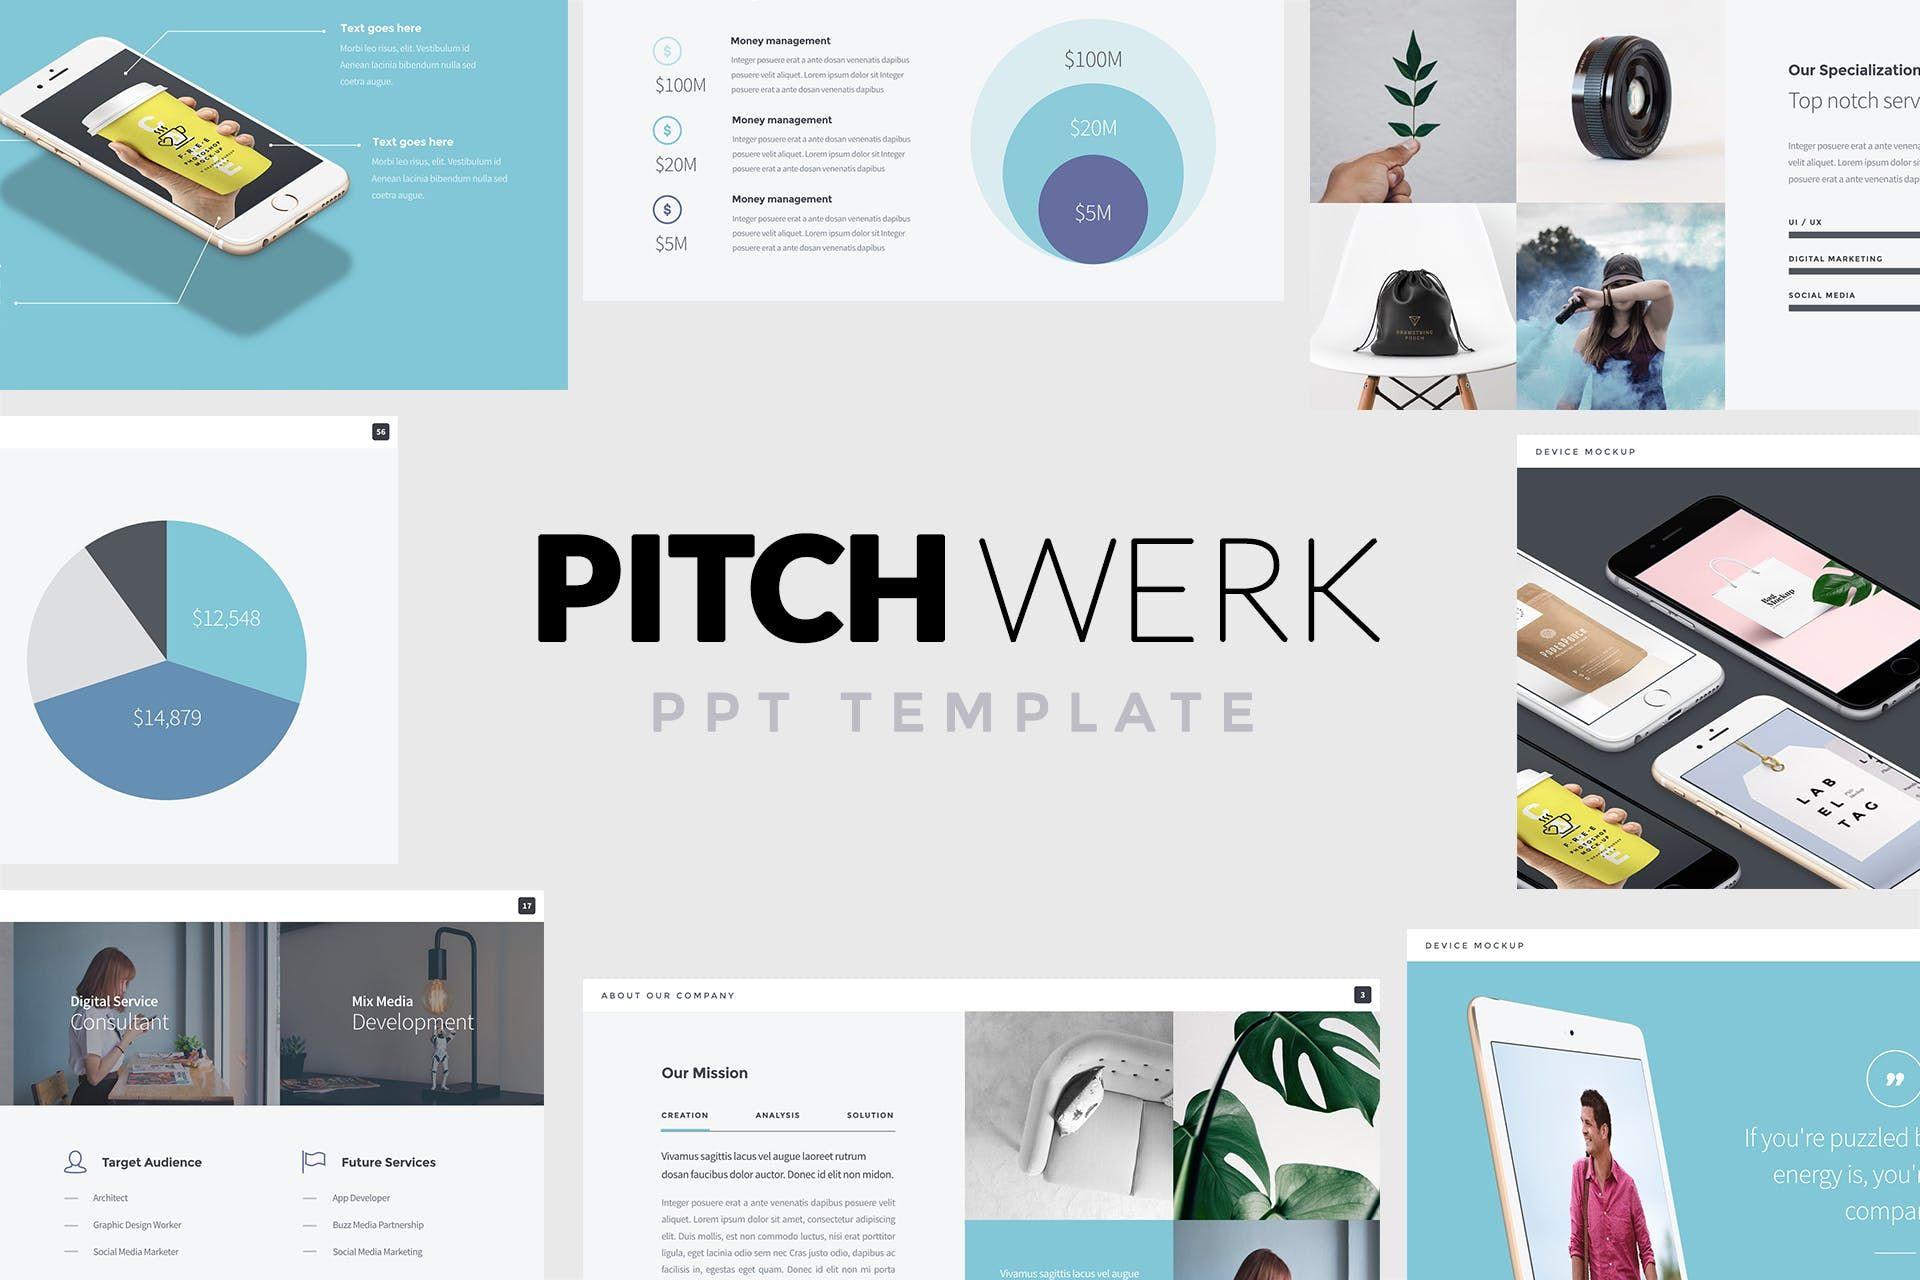 Pitch Werk Elegant Powerpoint Pitch Deck By Slidehack On Envato Elements Presentation Templates Powerpoint Templates Pitch